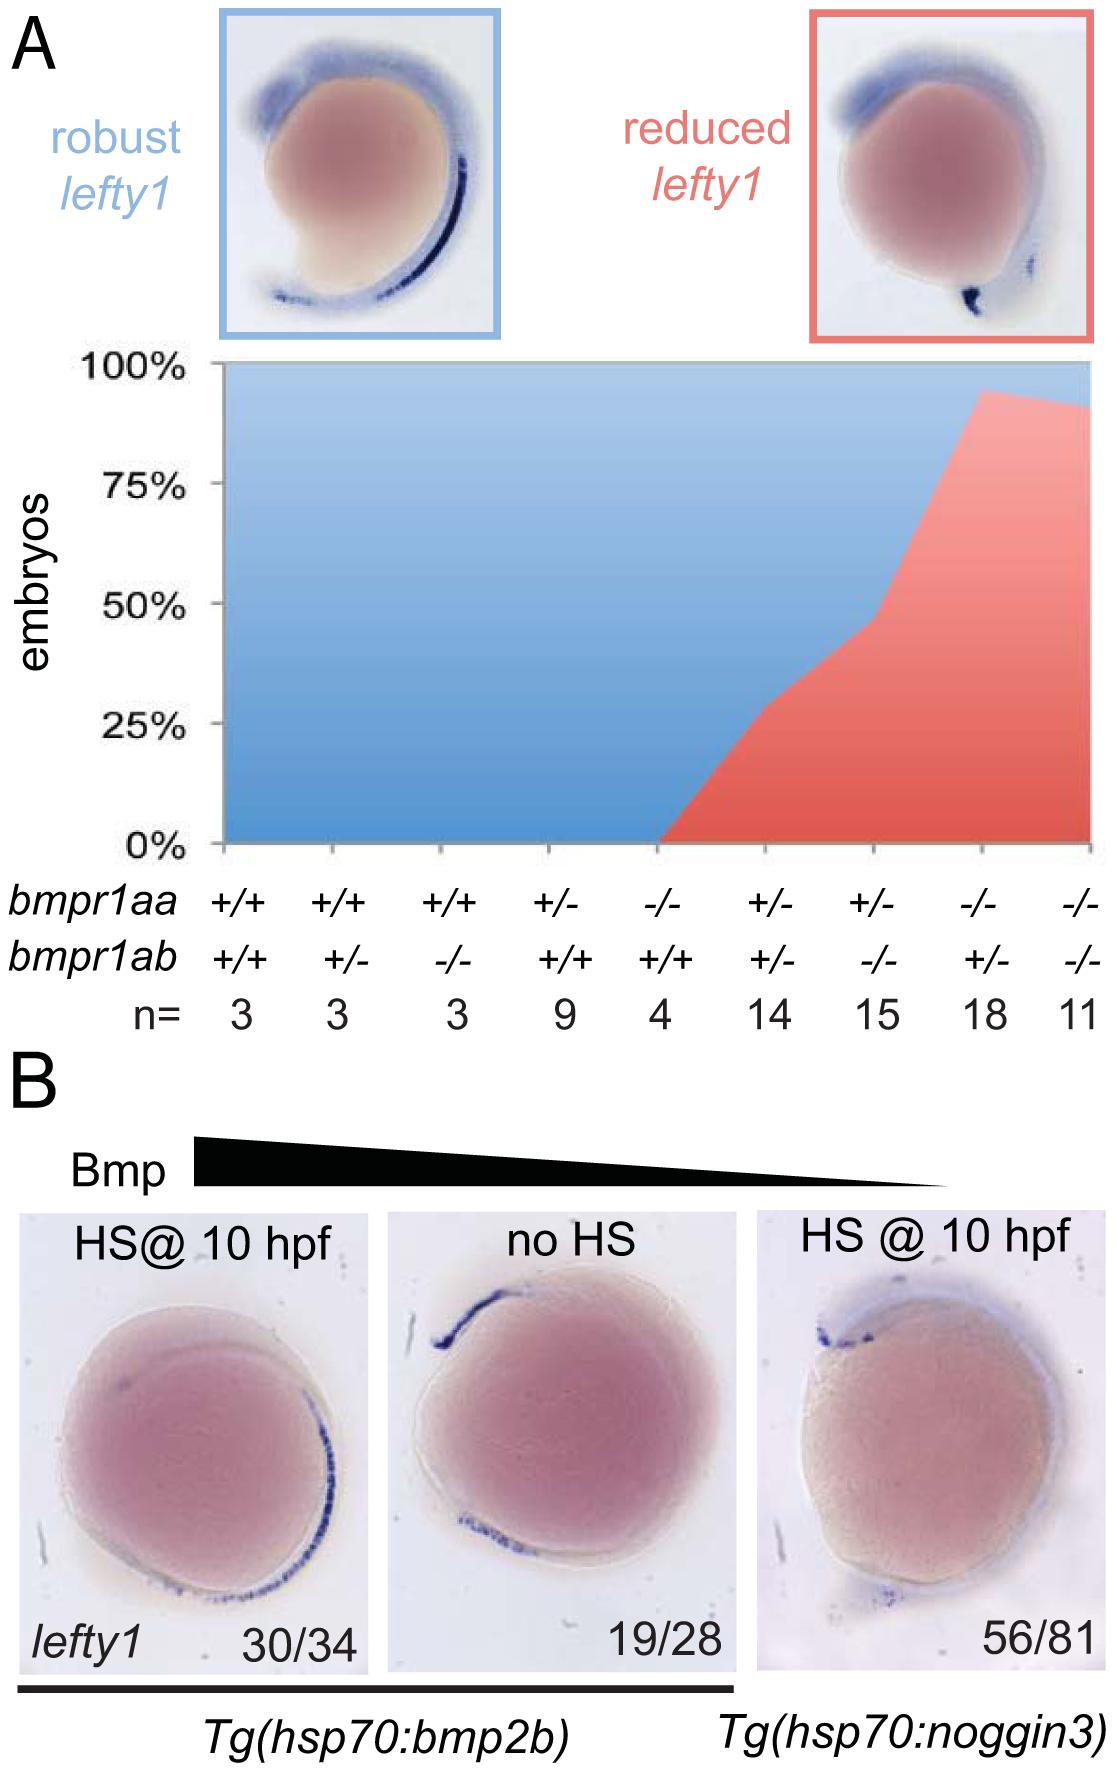 Bmp via Bmpr1a regulates <i>lefty1</i> expression in the midline.